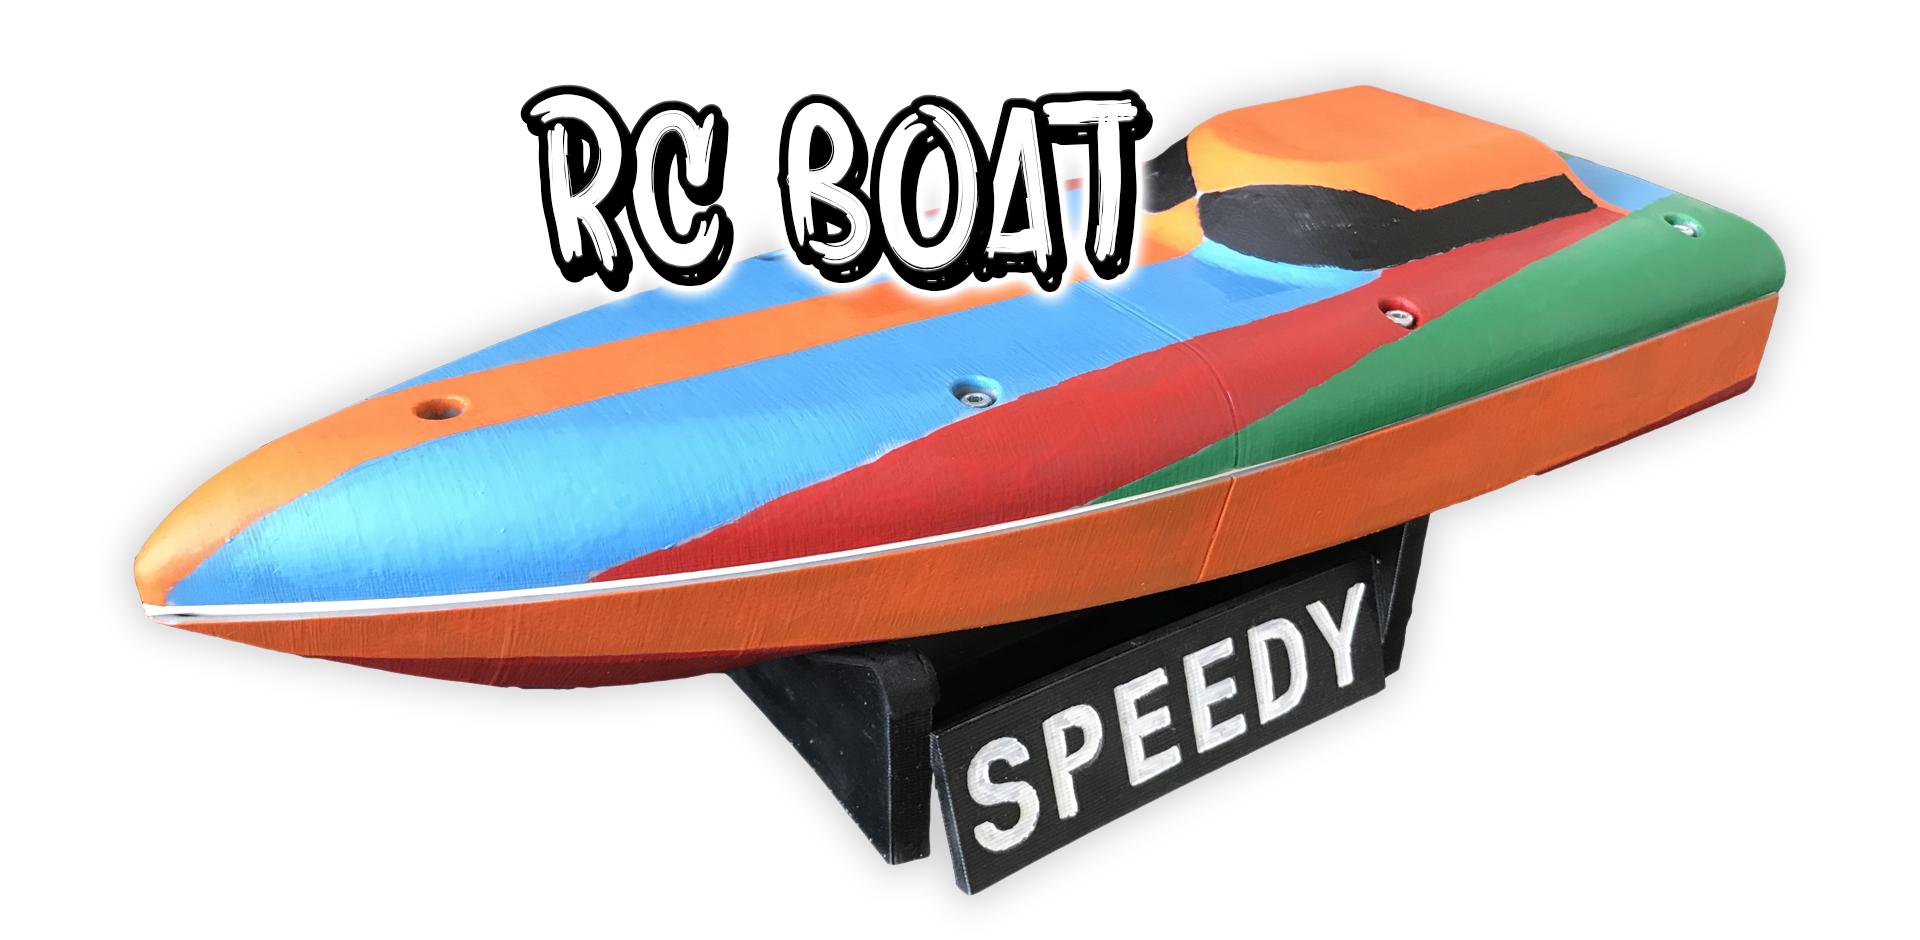 3D Printed RC Boat - SPEEDY_SLIDE